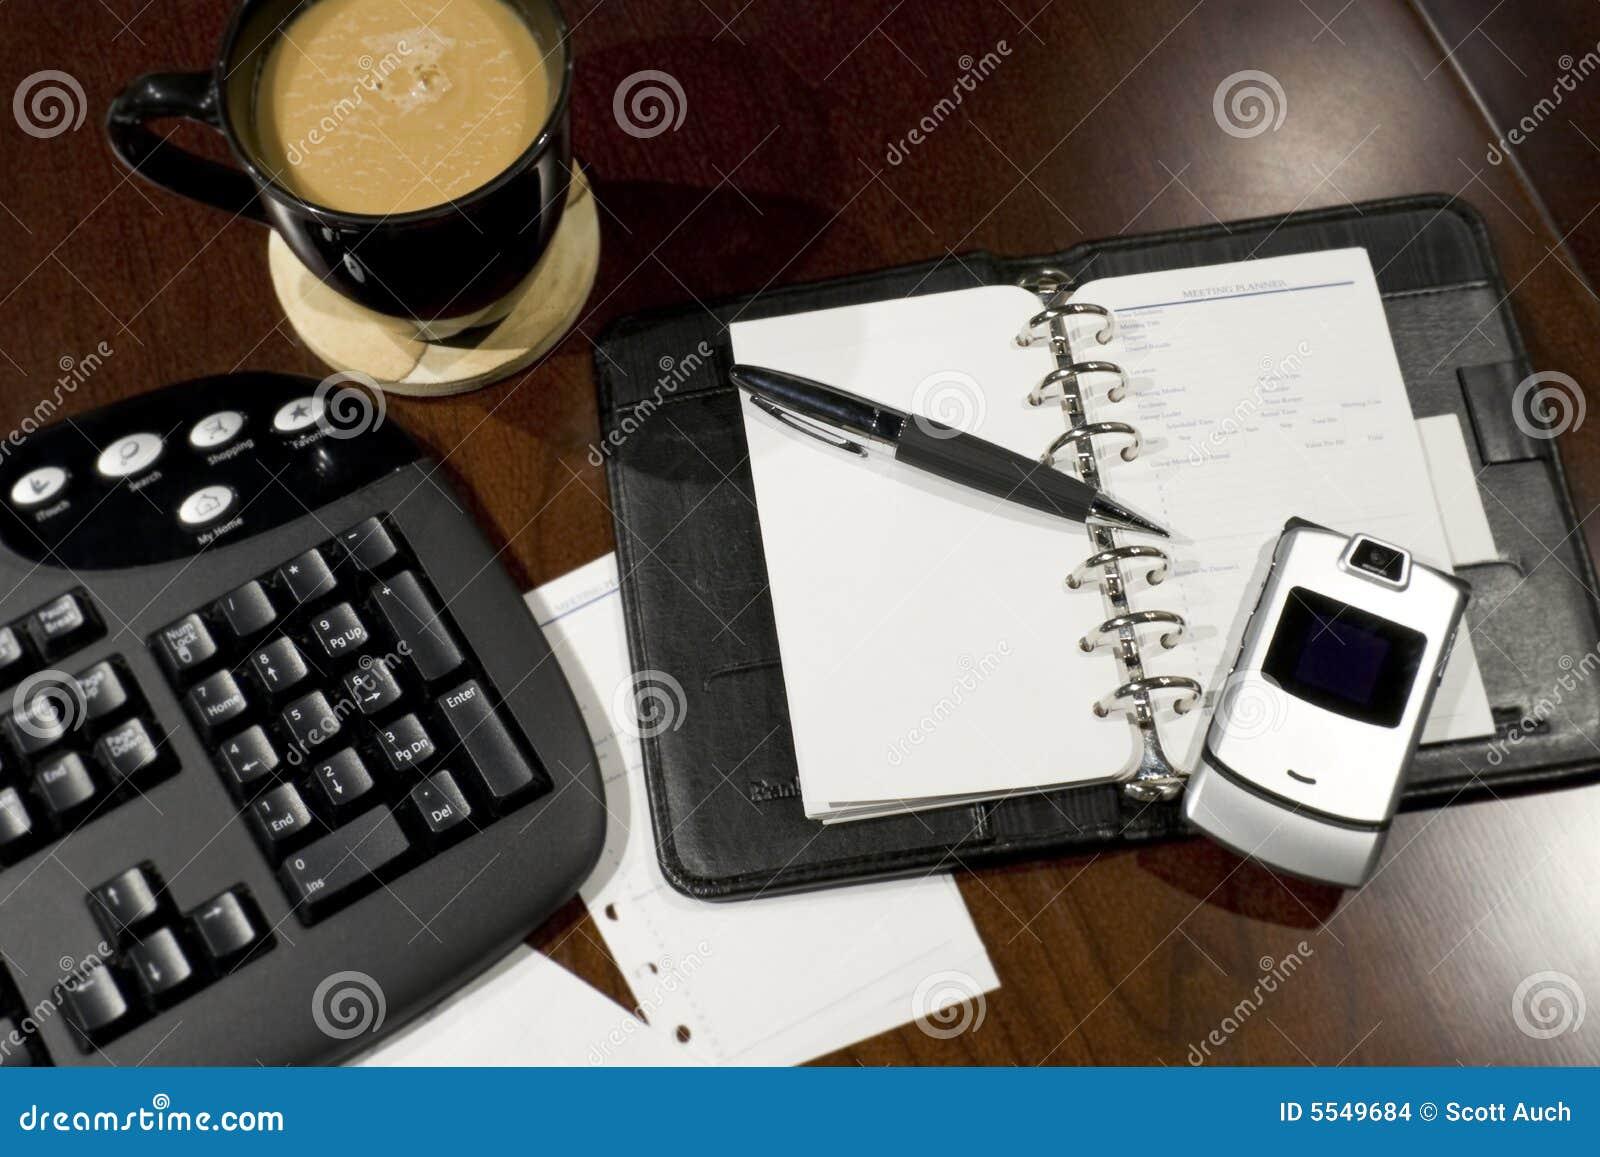 Scrivania Ufficio Organizzata : Scrivania organizzata fotografia stock immagine di blank